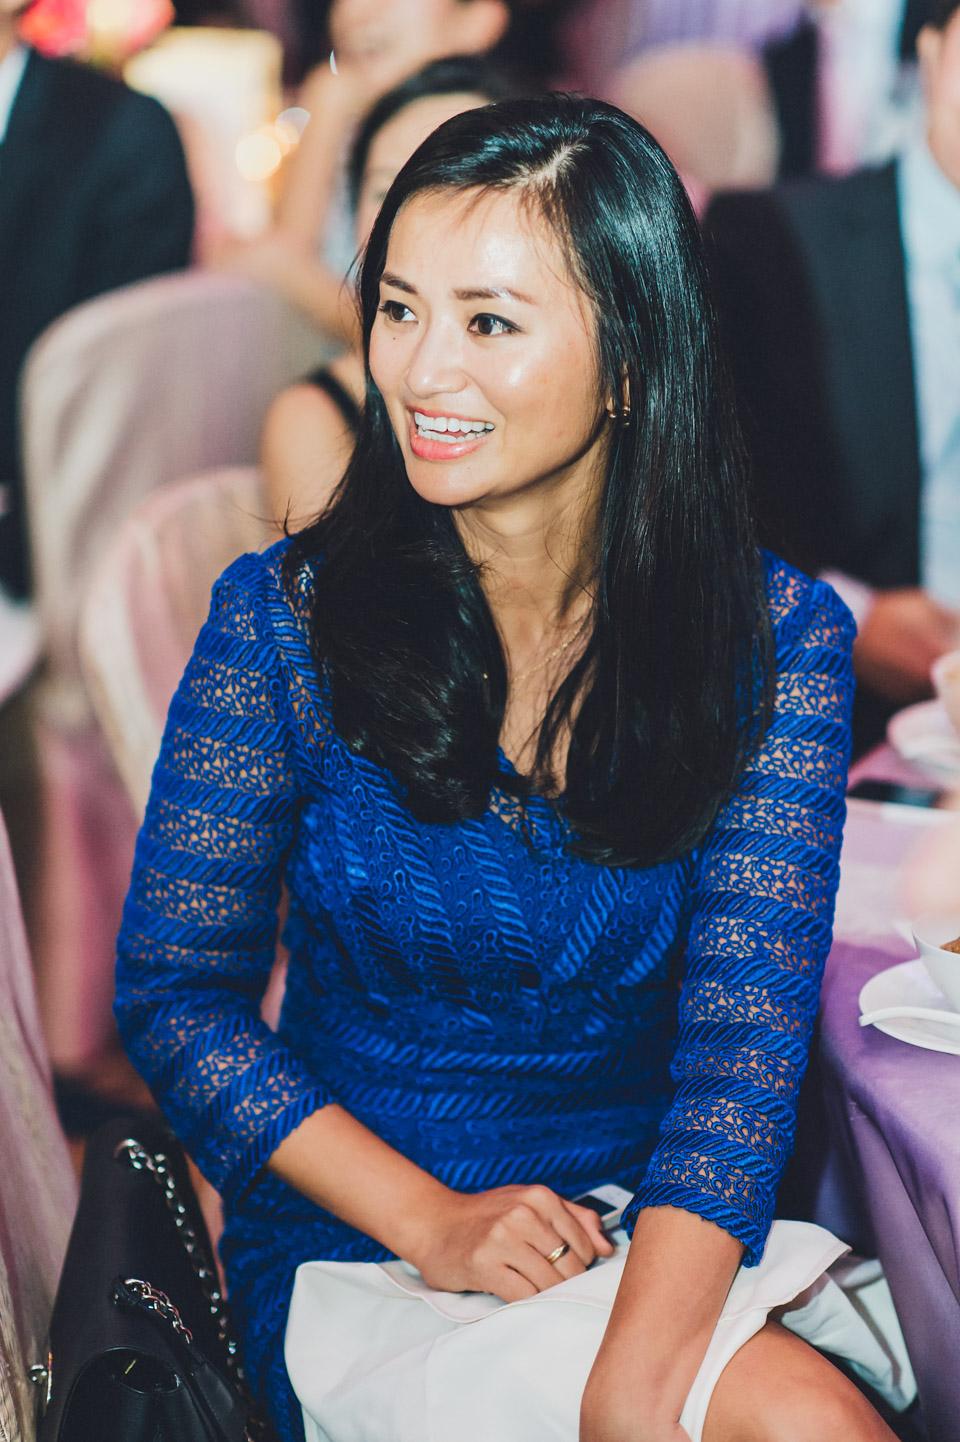 hongkong-wedding-photo-video-150 Kristy & Sam HongKong Wedding Four Saison HKhongkong wedding photo video 150